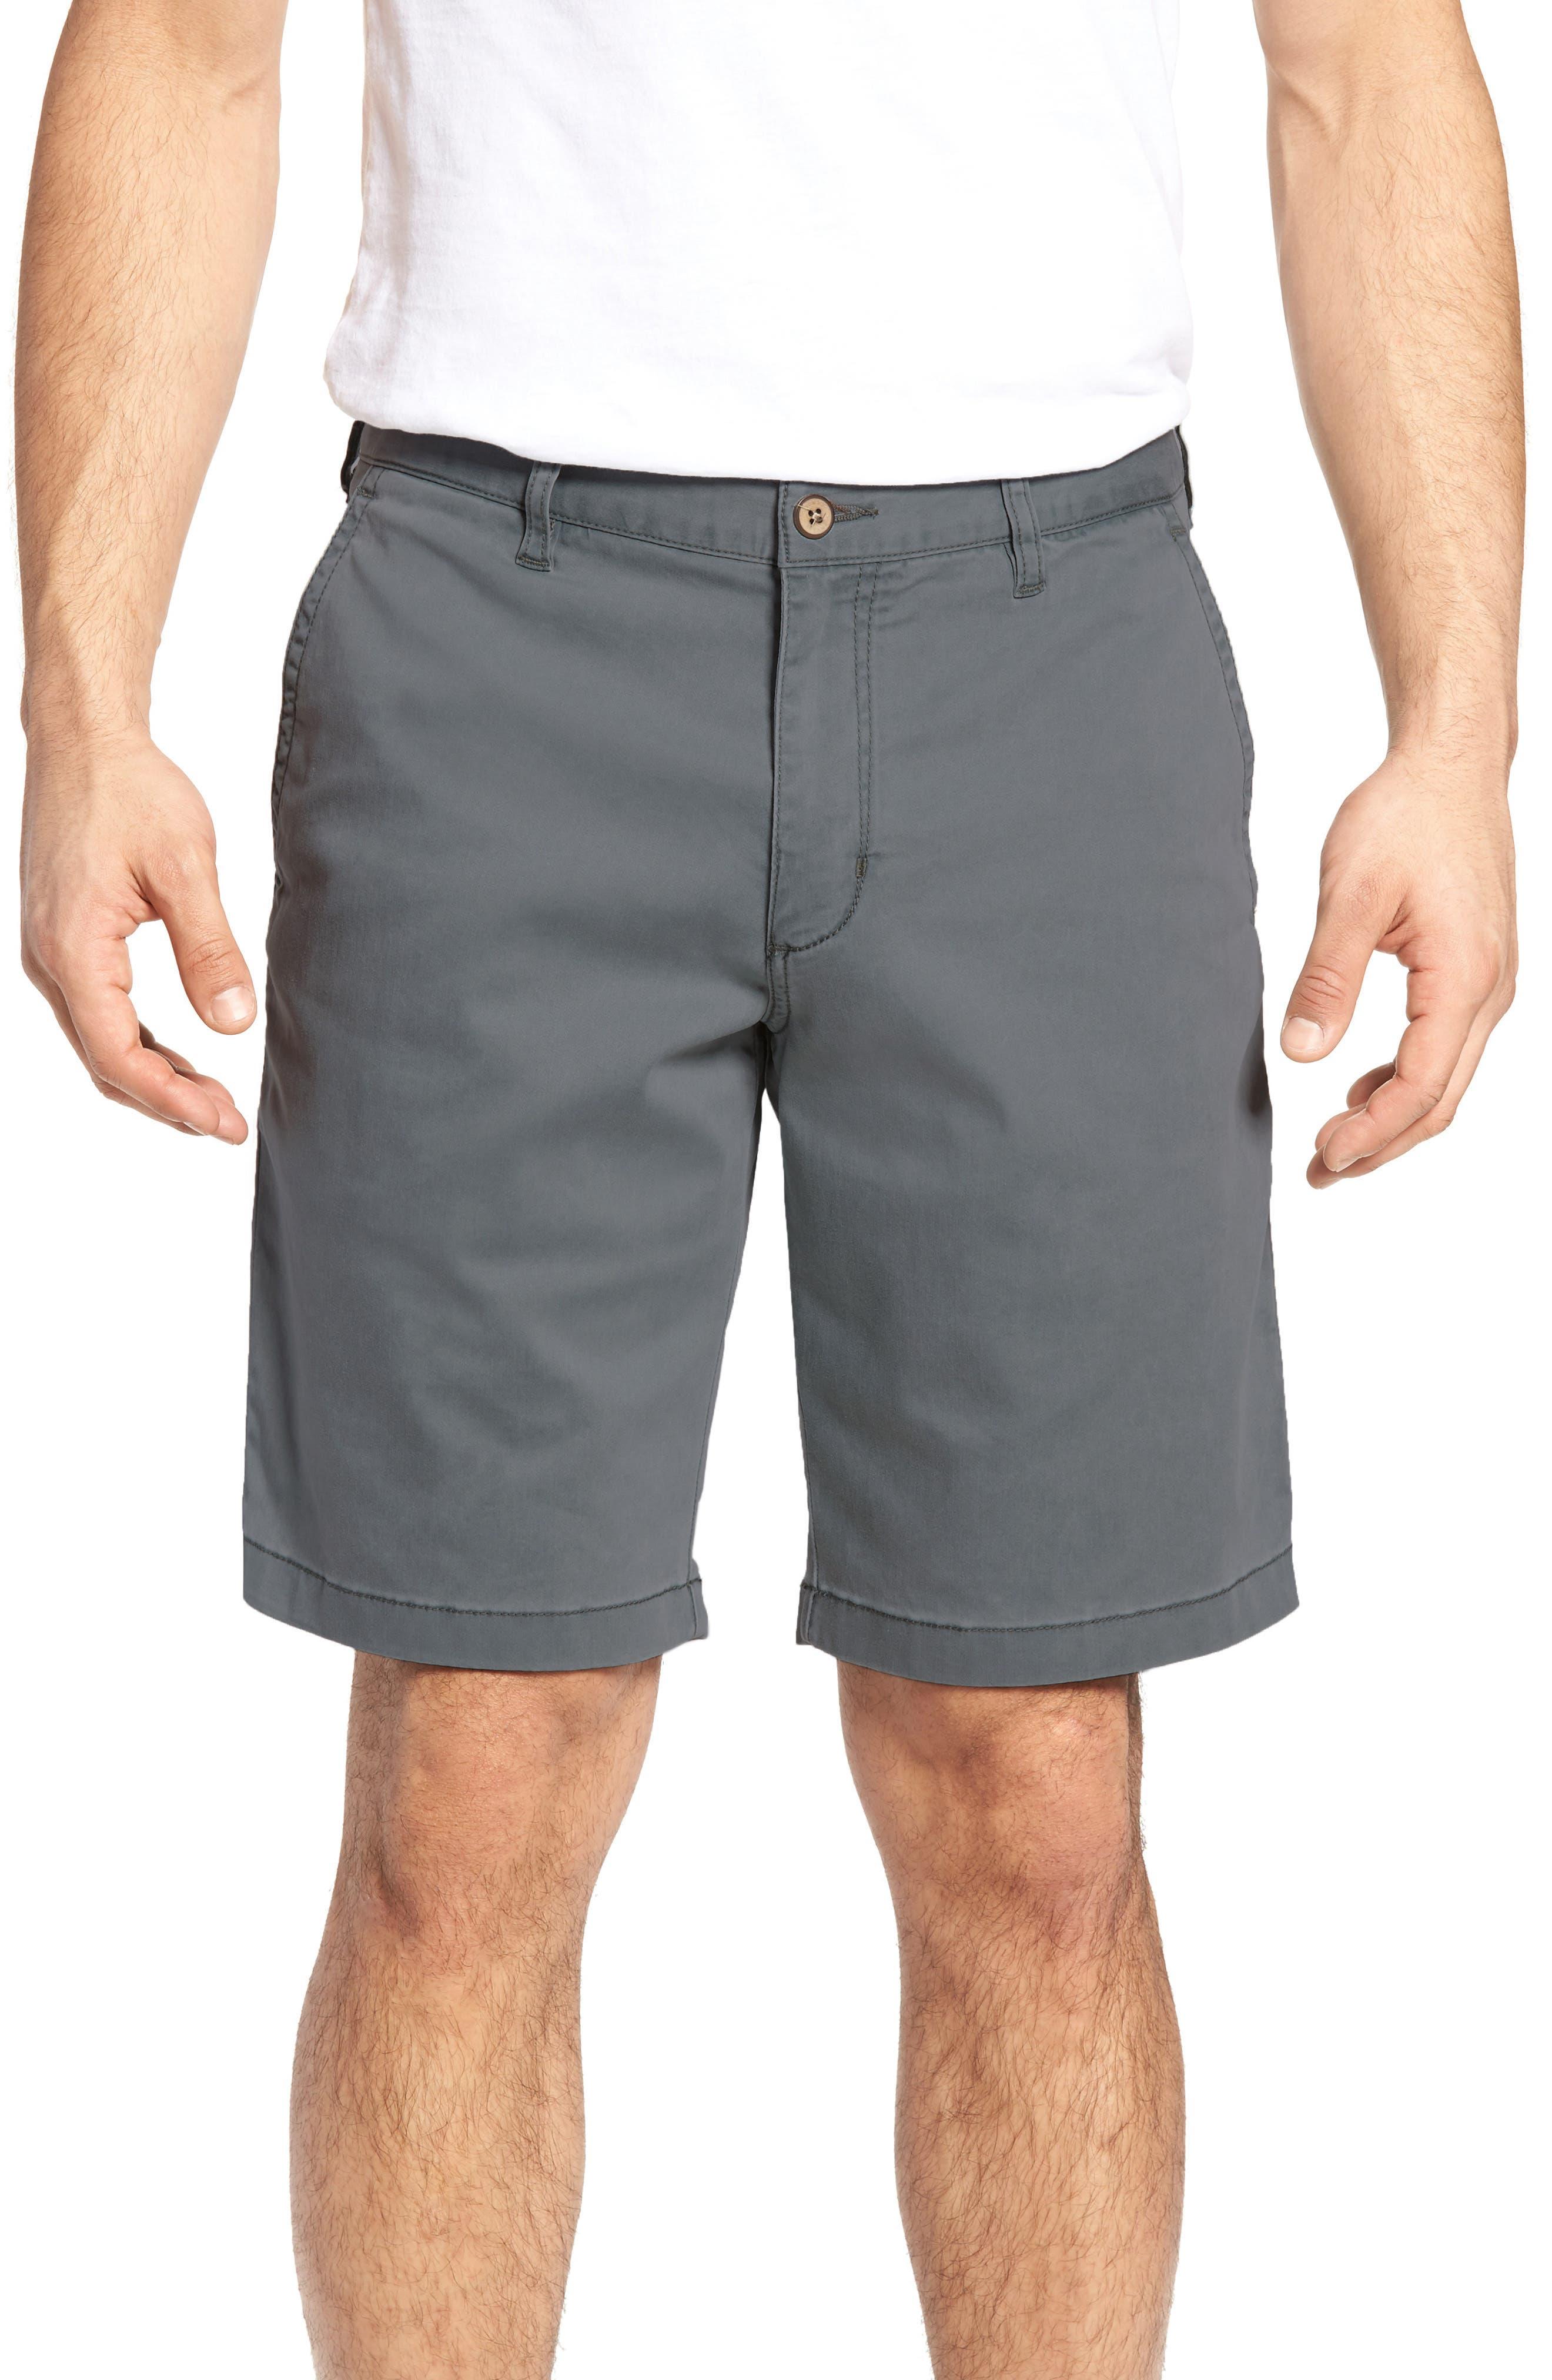 Main Image - Tommy Bahama Boracay Chino Shorts